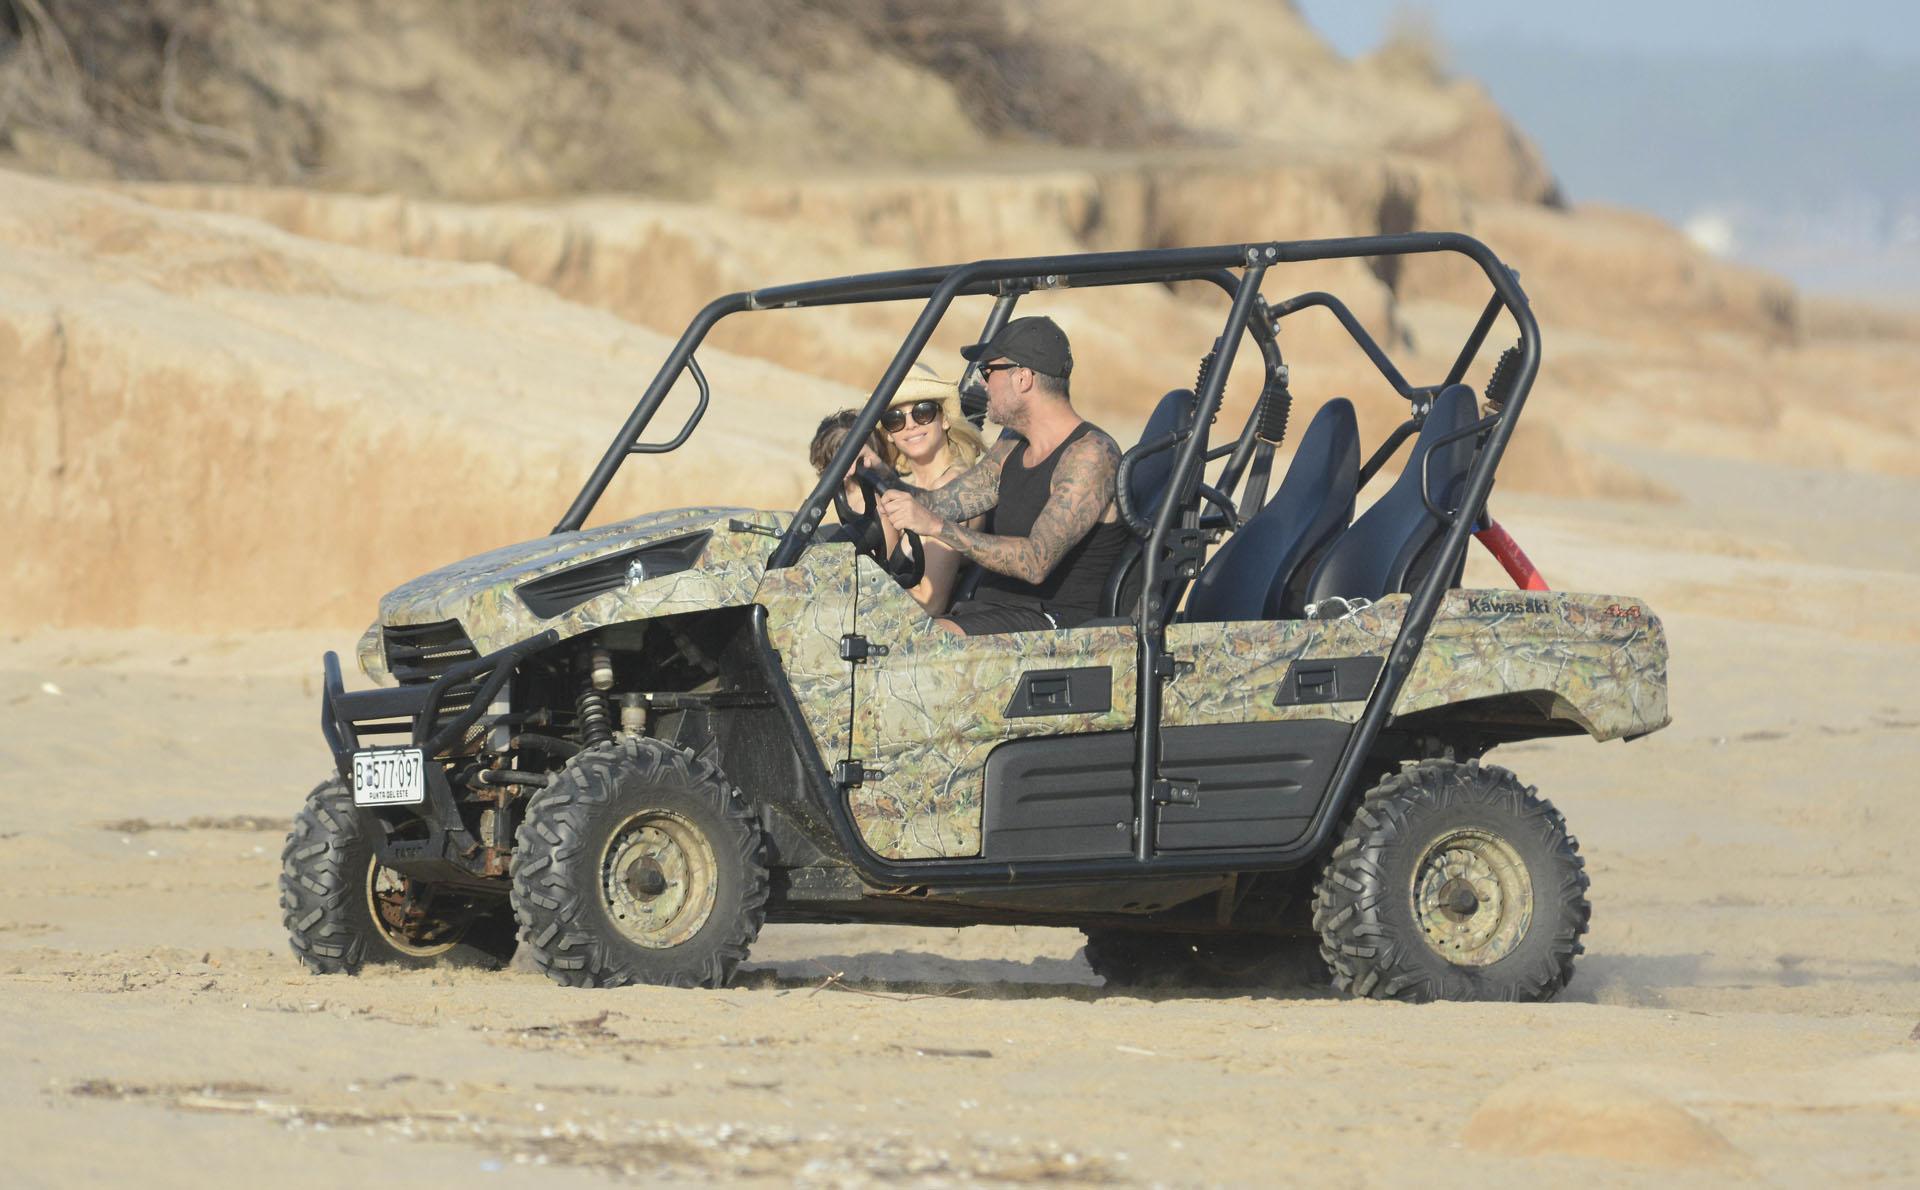 Tinelli junto a su mujer en el jeep recorriendo la playa uruguaya (Foto Crédito GM Press)